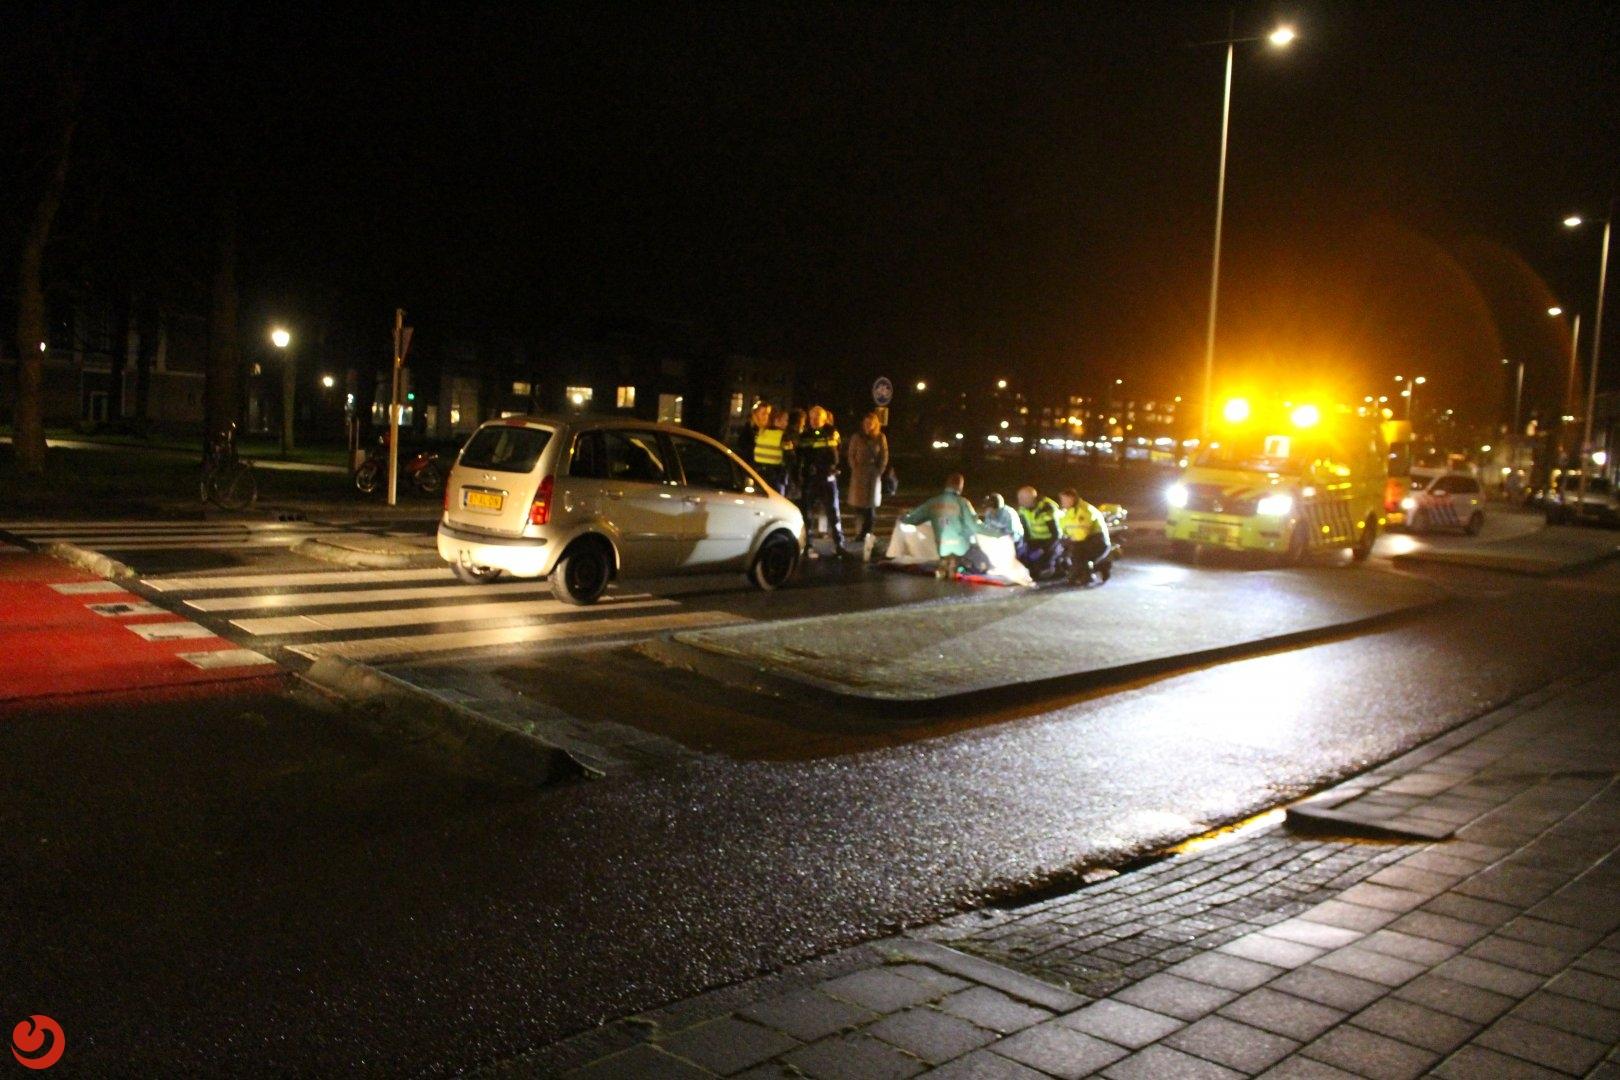 Vrouw geschept op het zebrapad door Automobilist in Leeuwarden